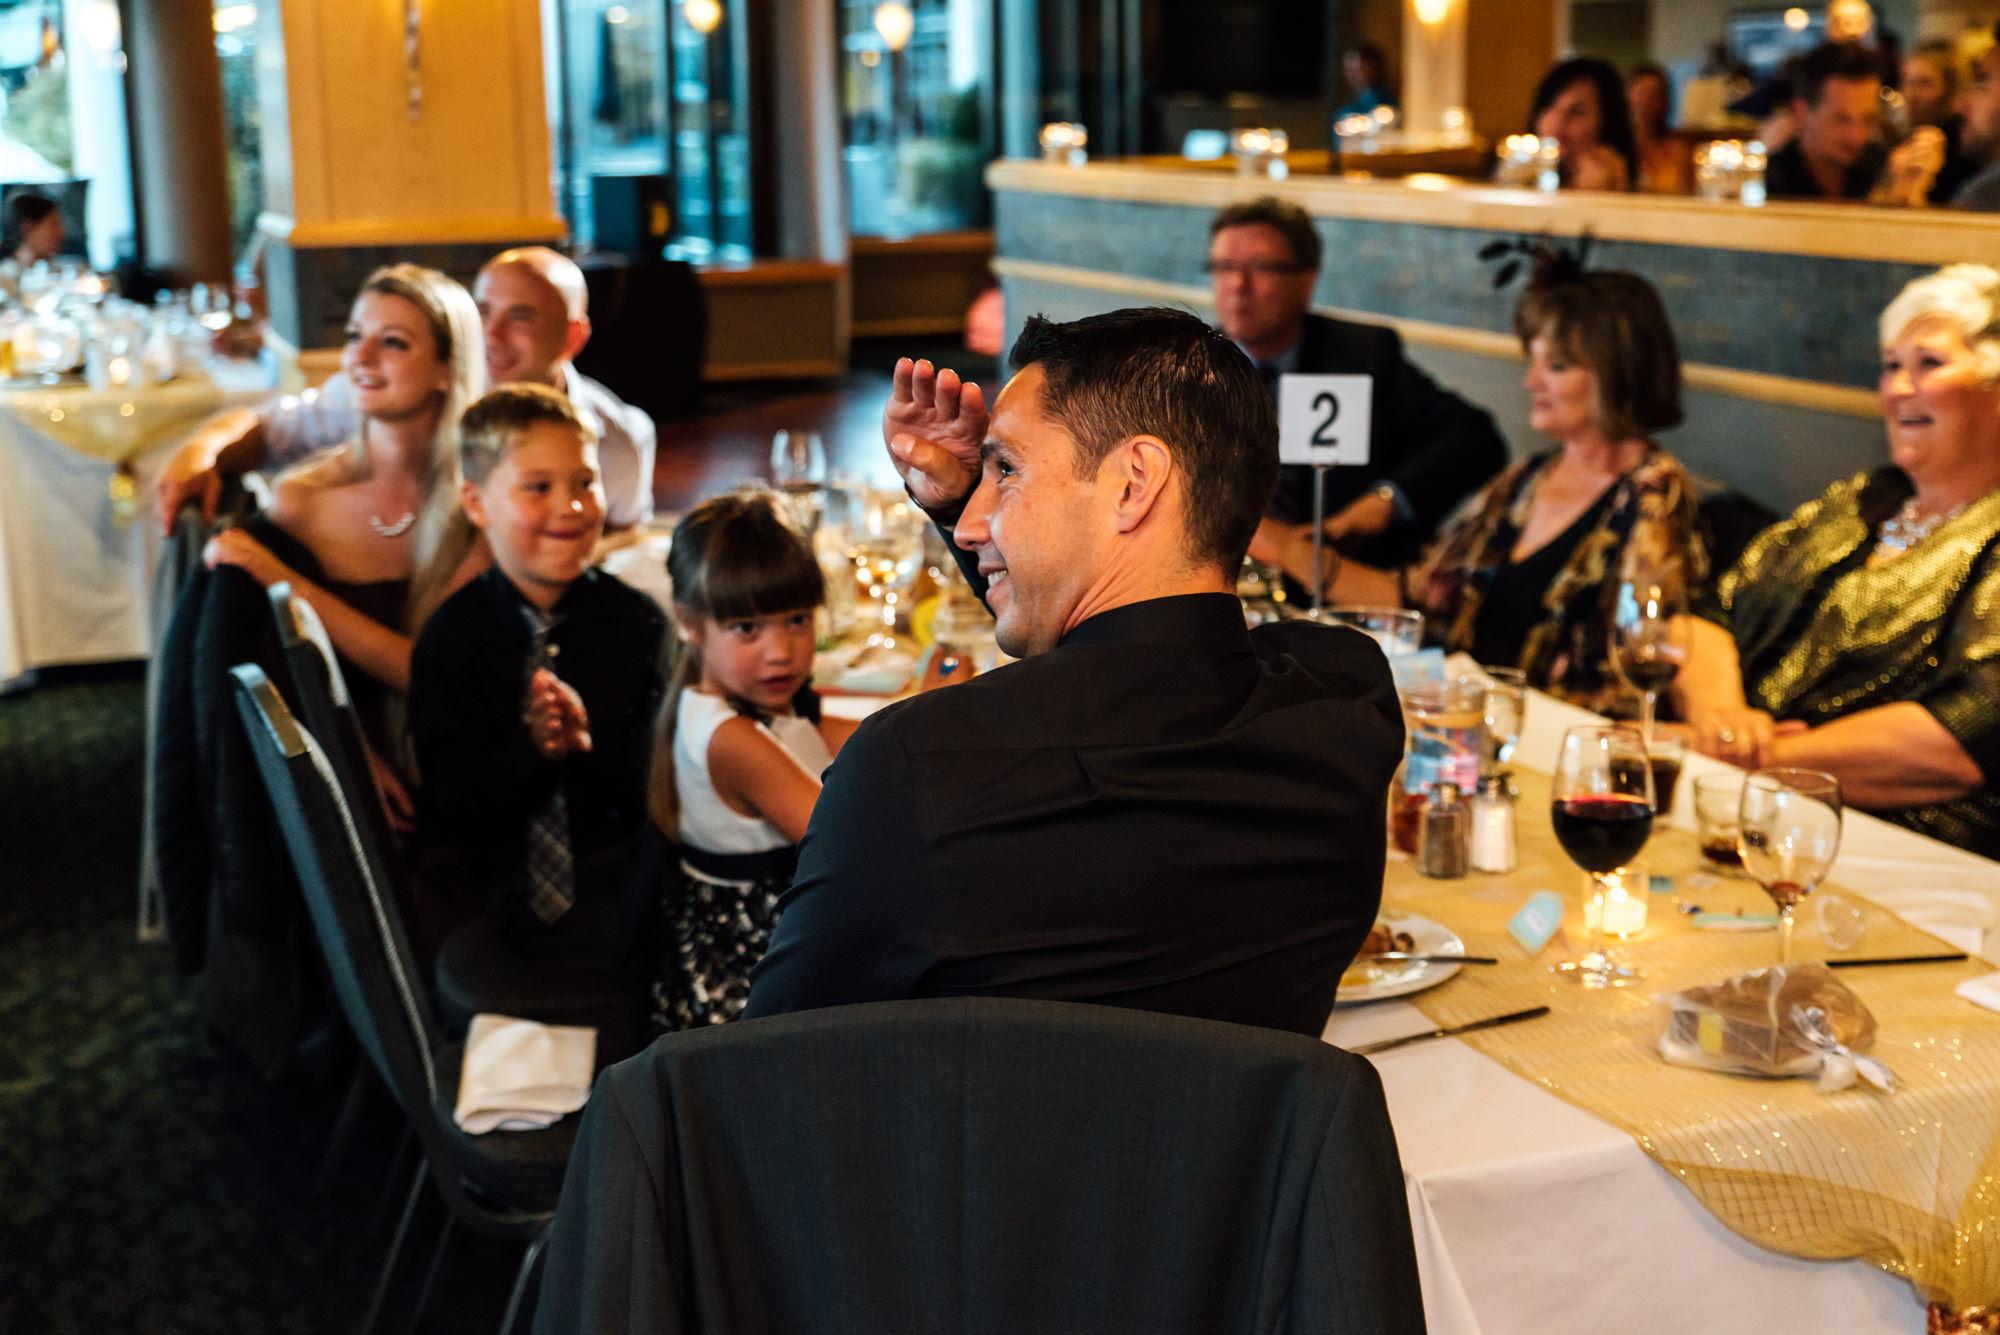 191633hollyburn_country_club_wedding_photographer_reception13.jpg